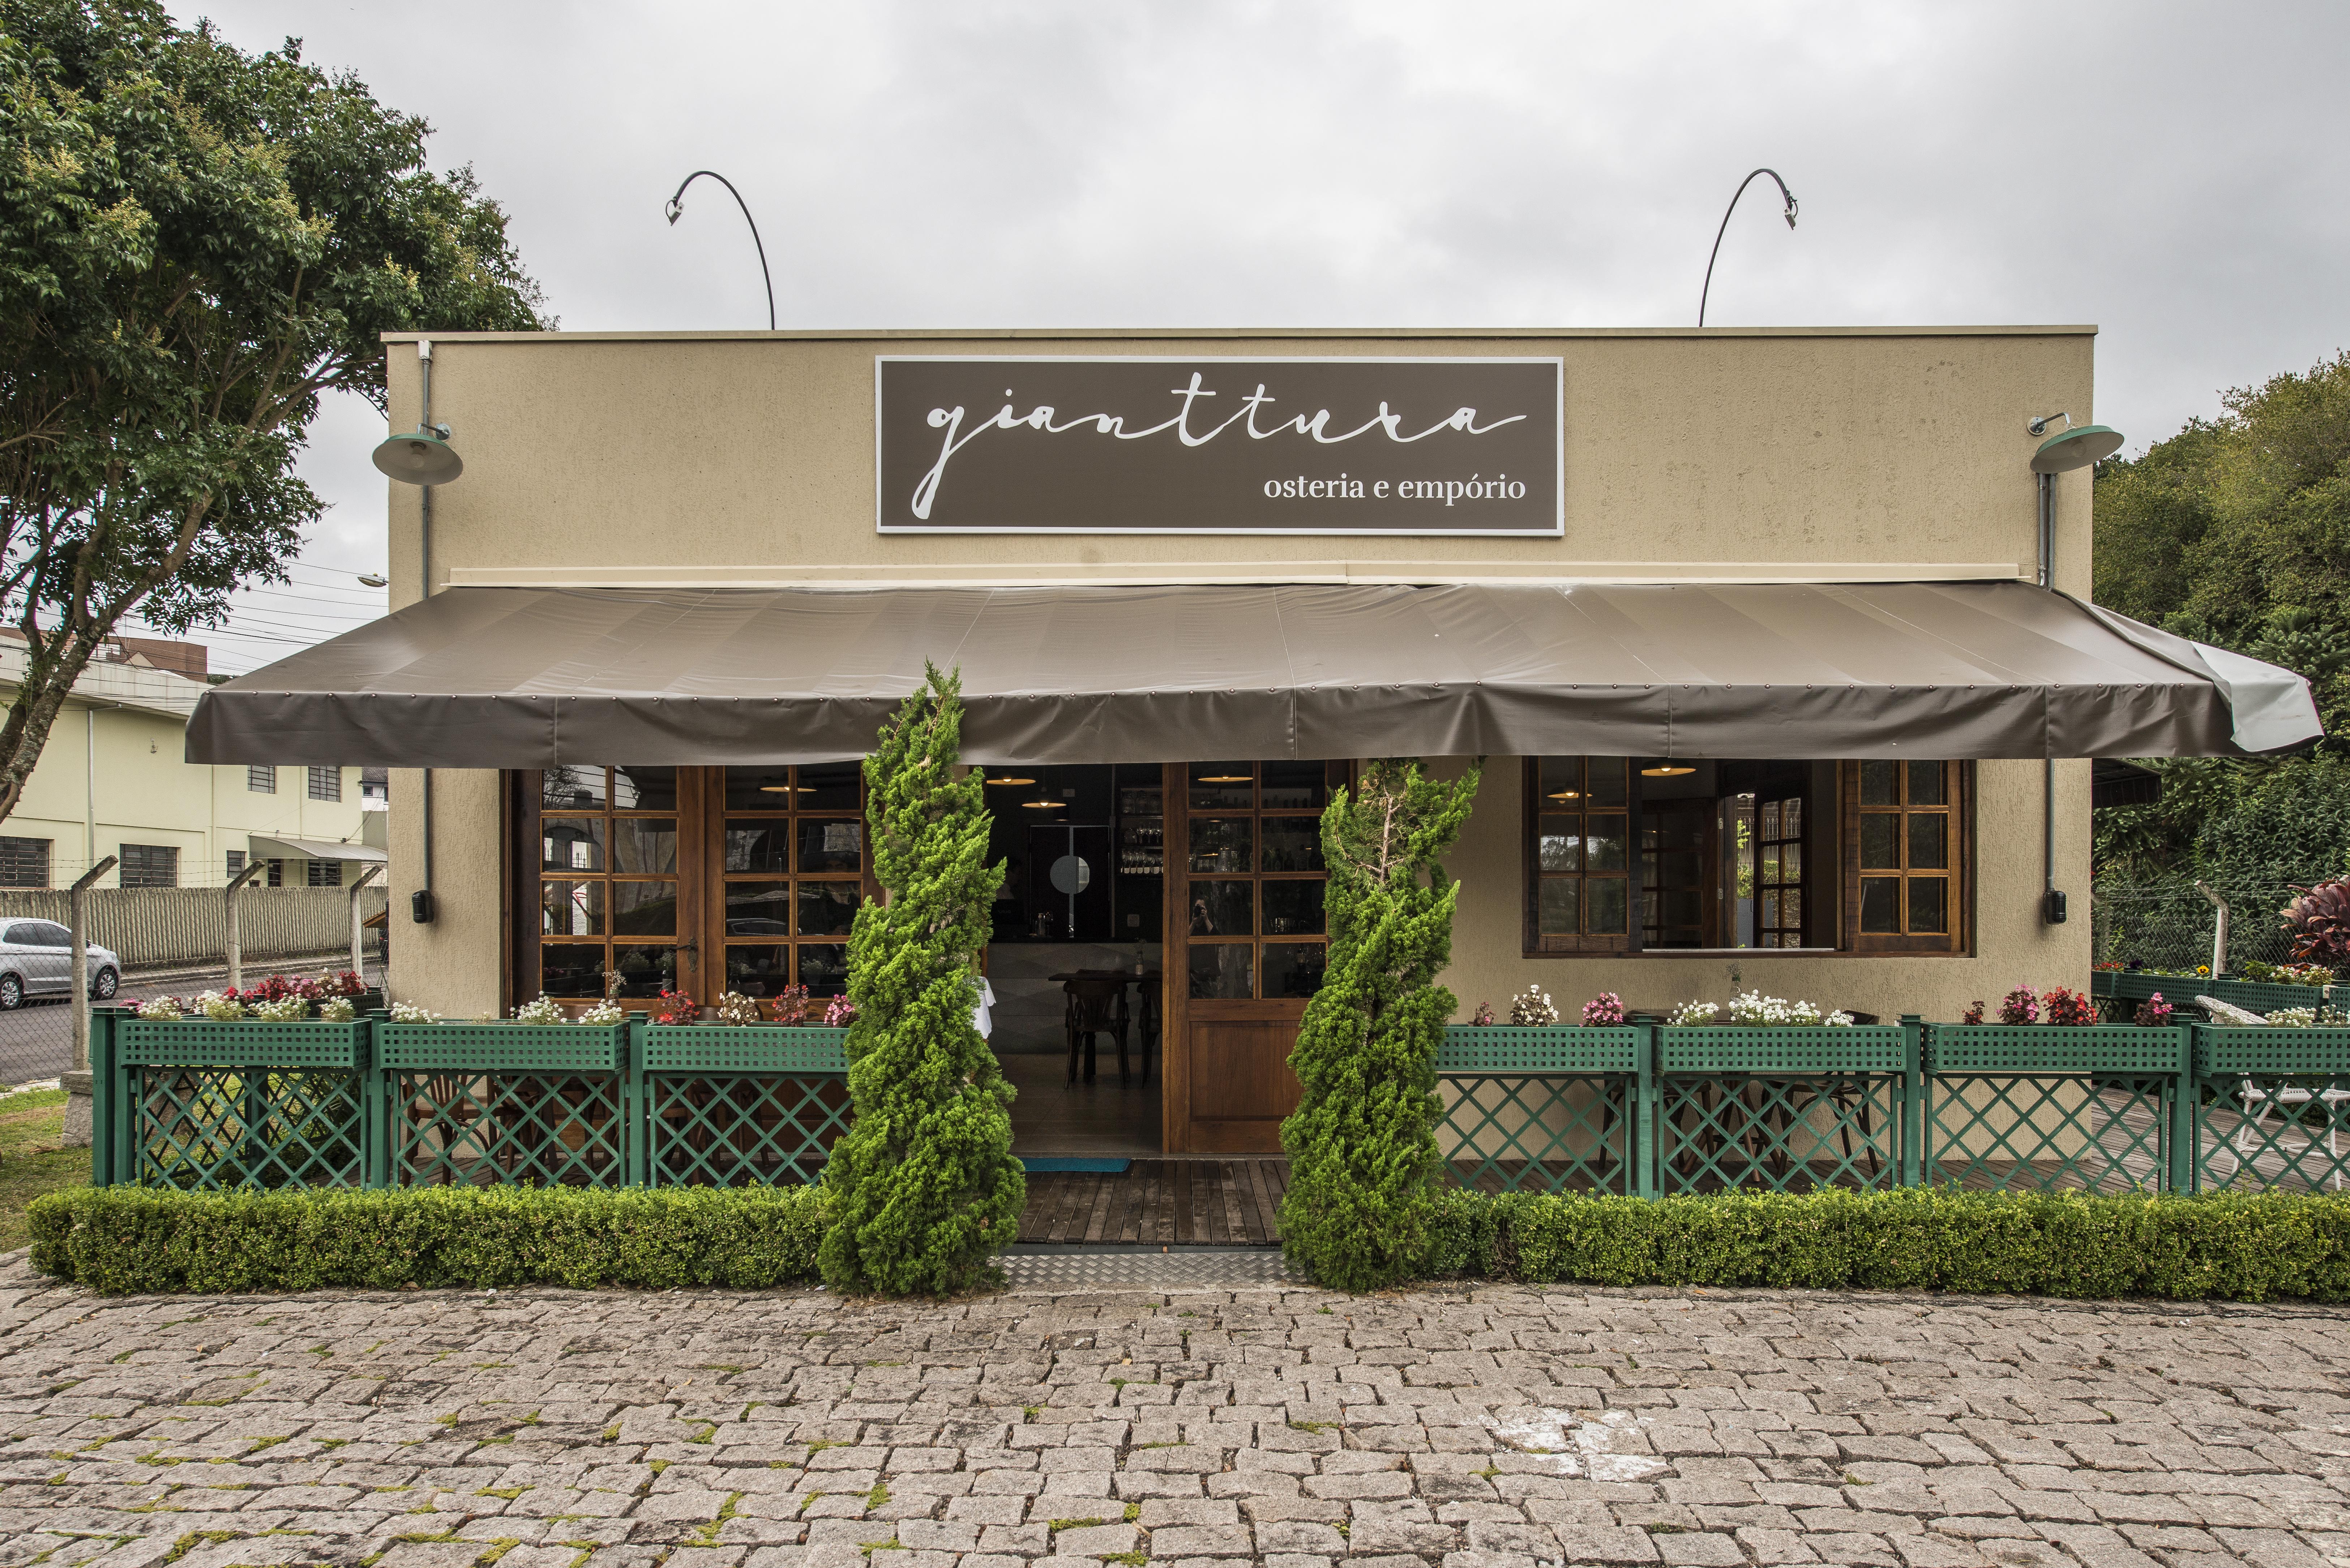 O Gianttura - Osteria e Empório, será inaugurado oficialmente nesta quinta-feira (15).